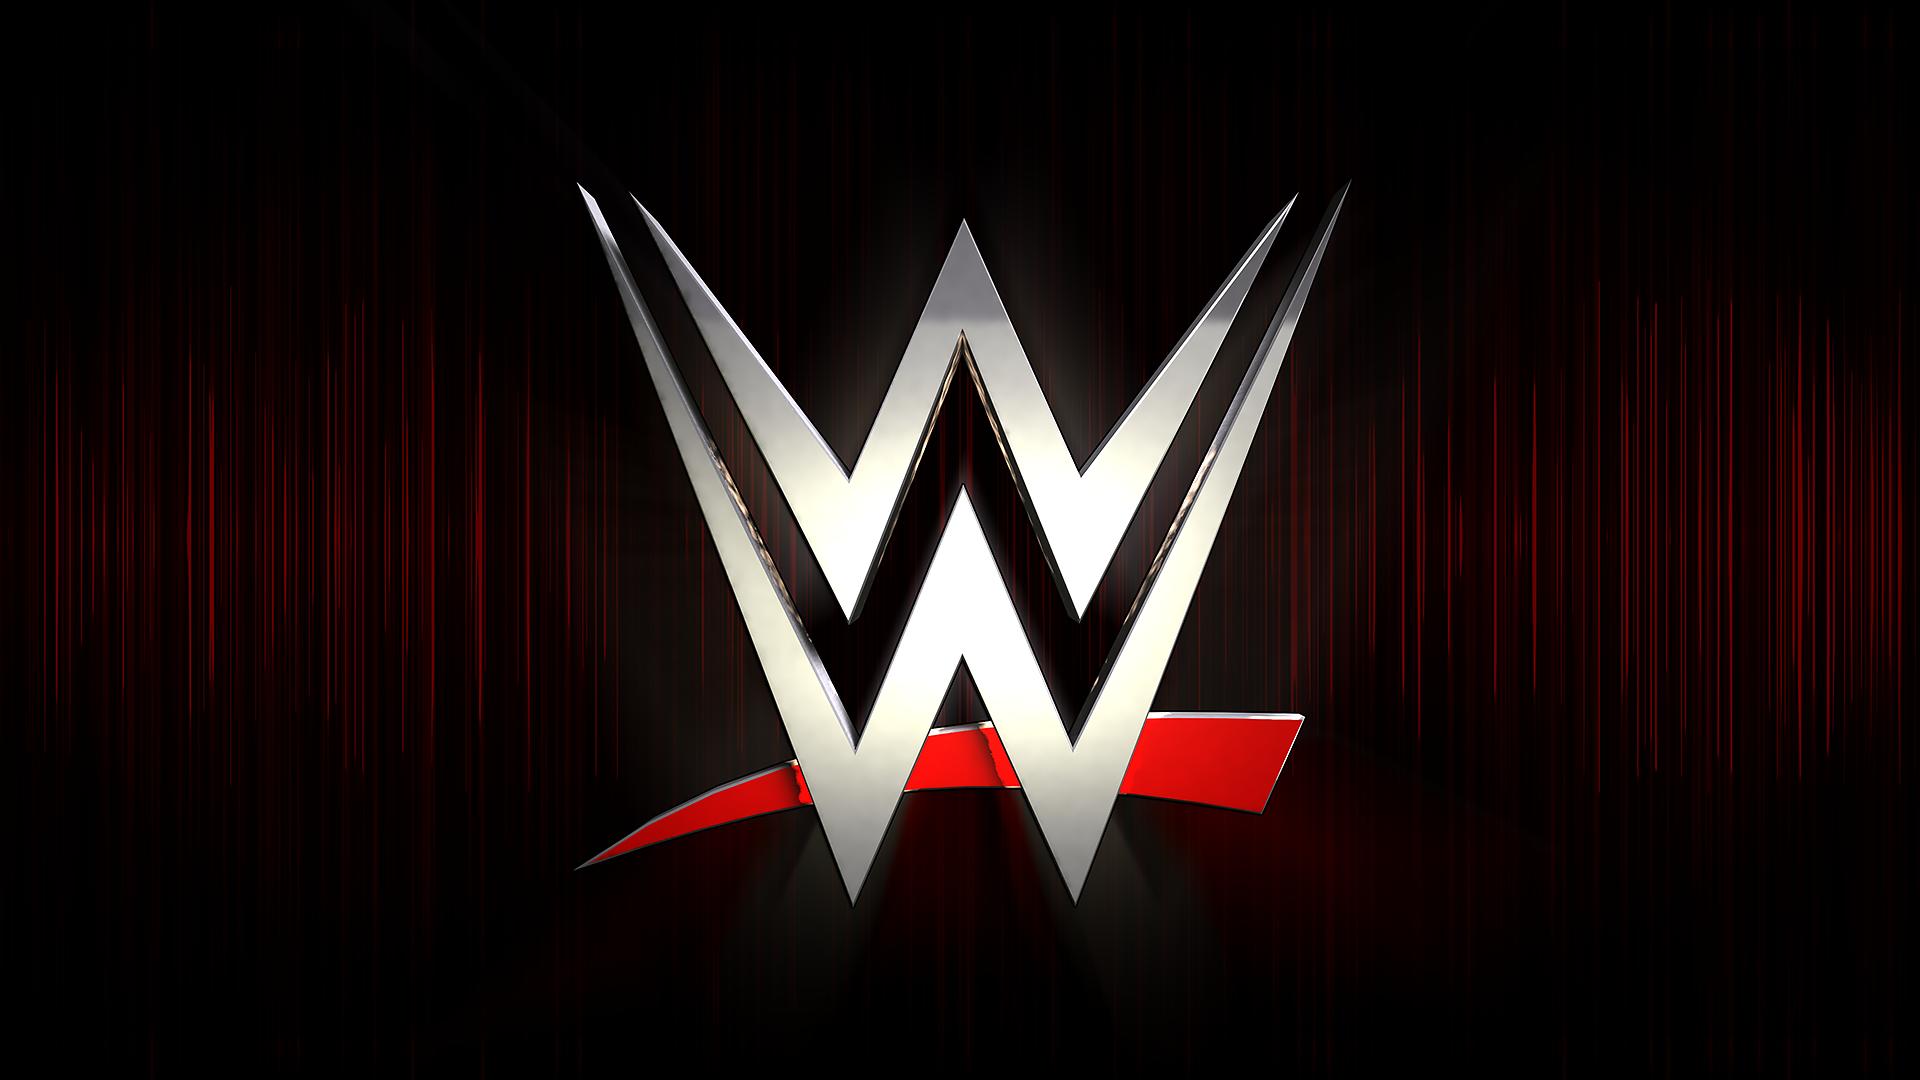 new WWE logo wallpaper by MajinKhaN 1920x1080